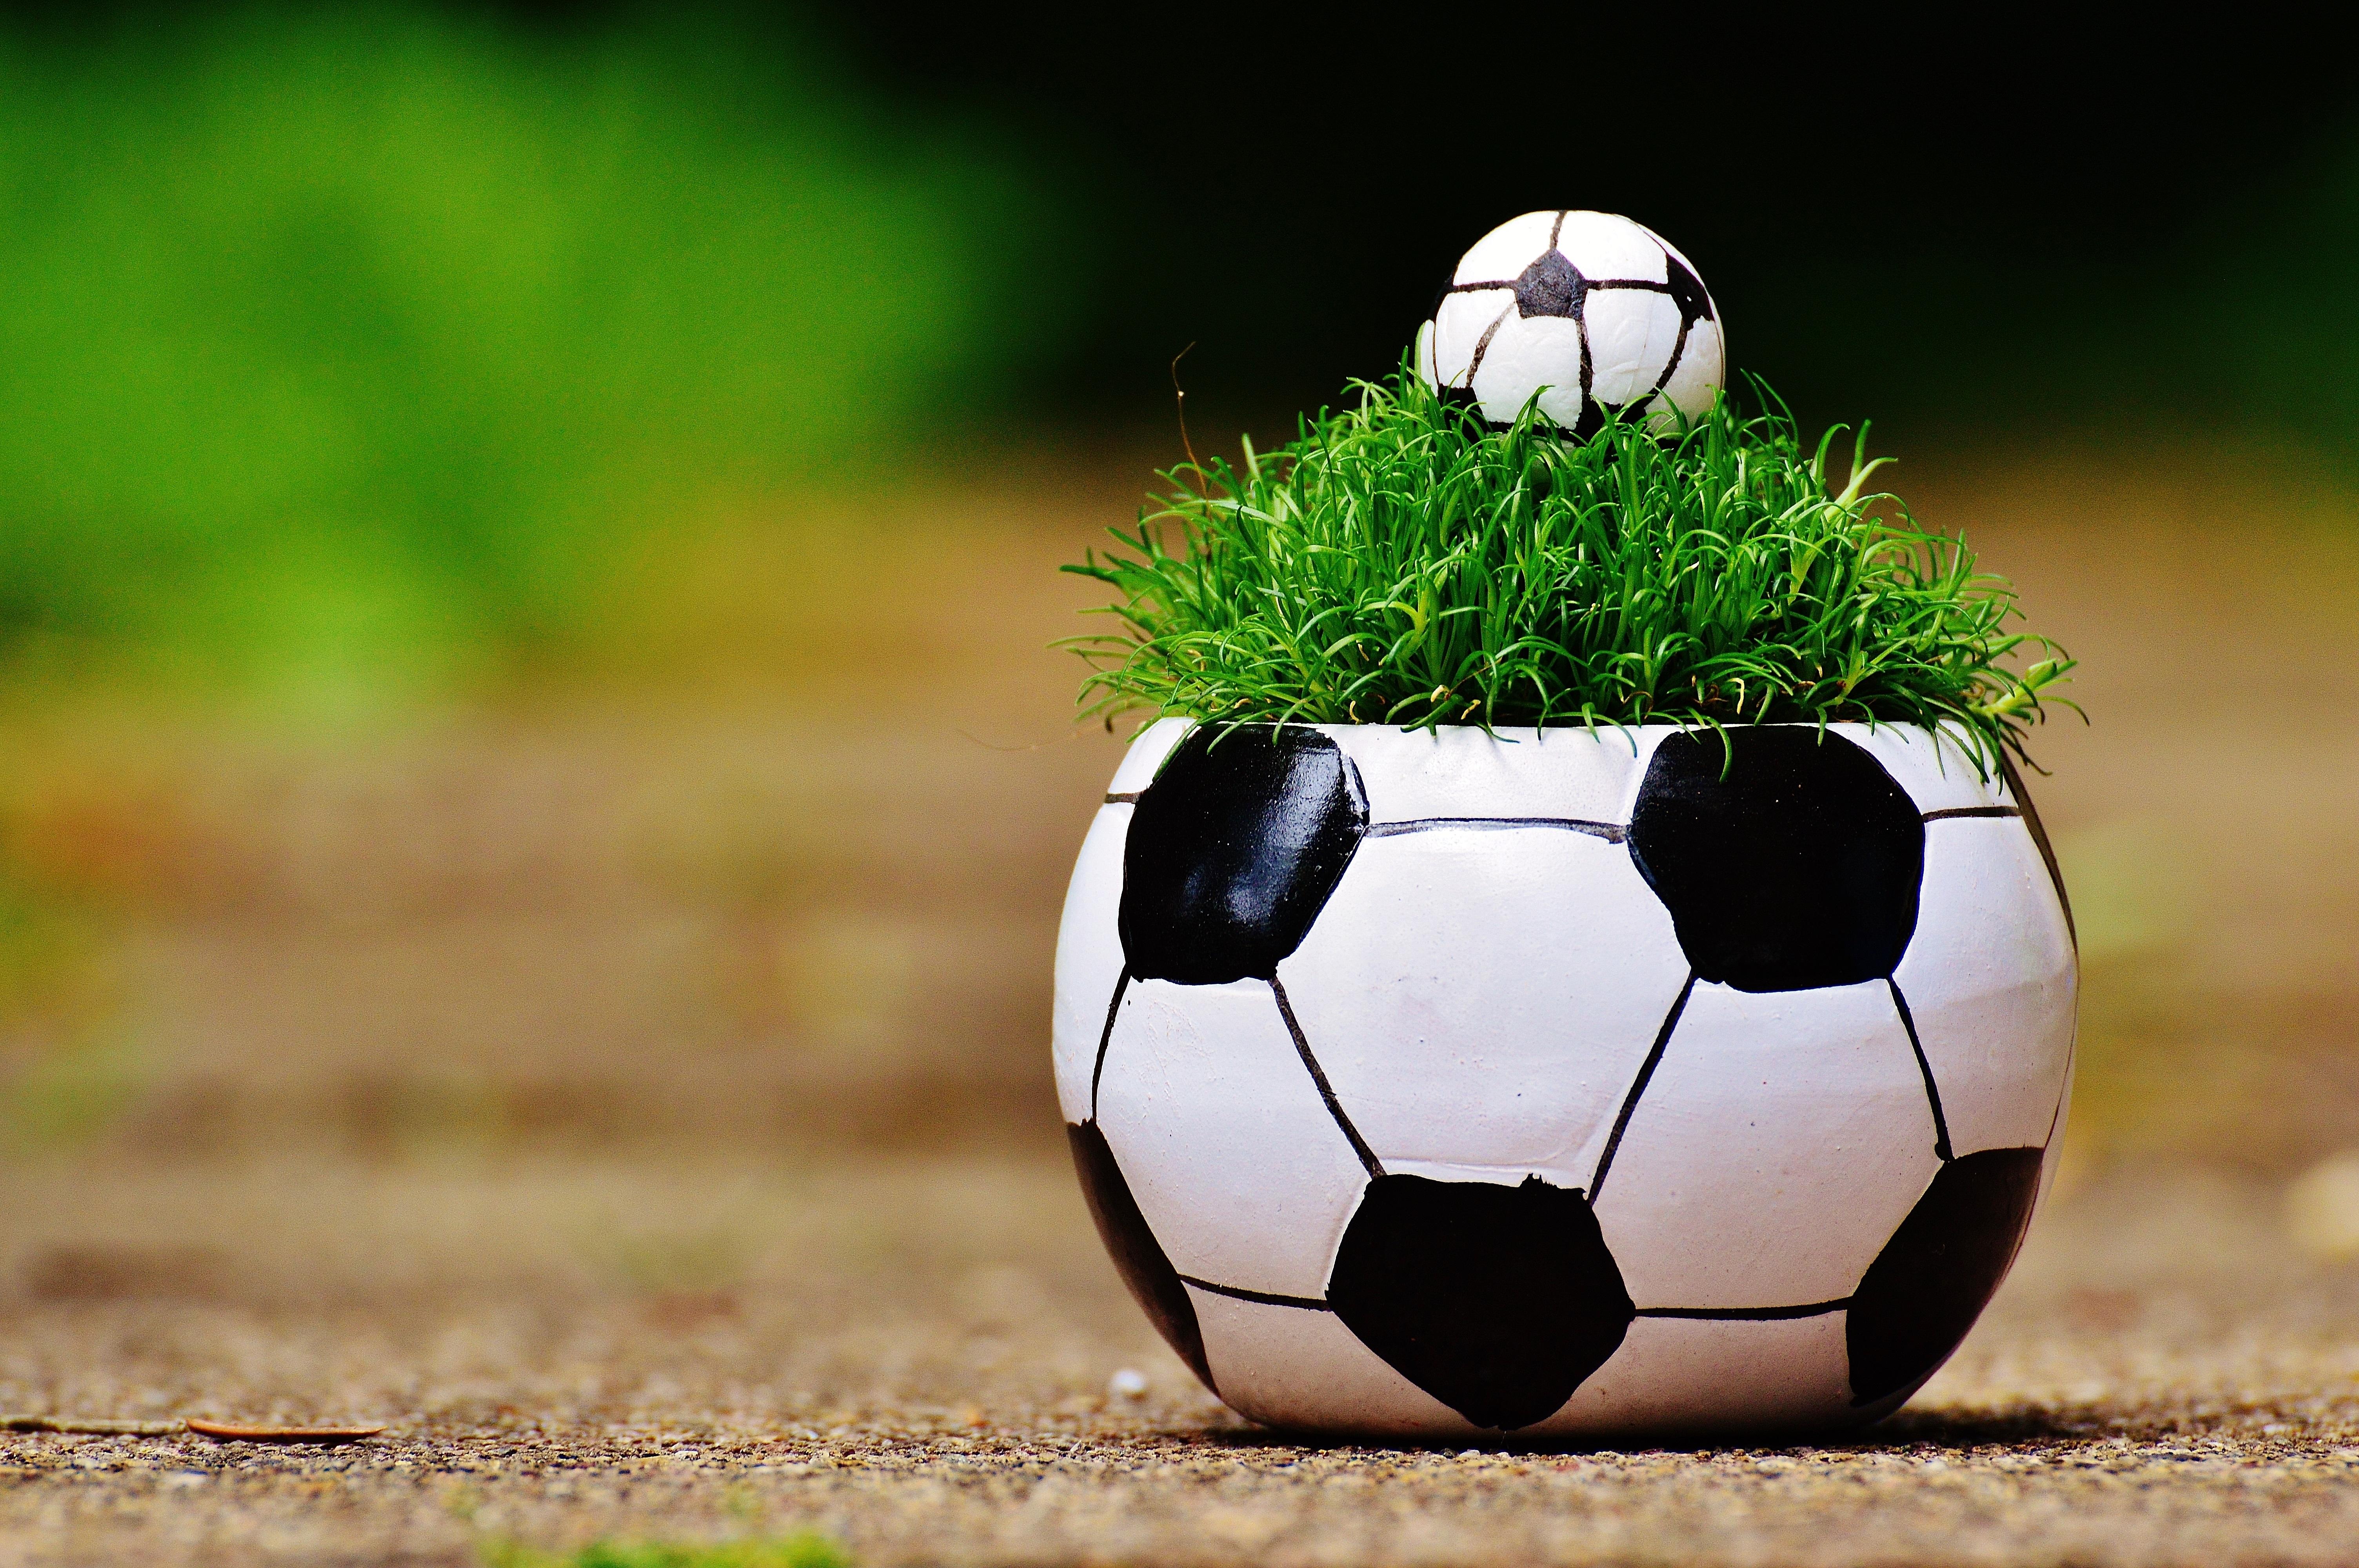 Футбол картинки отличного качества